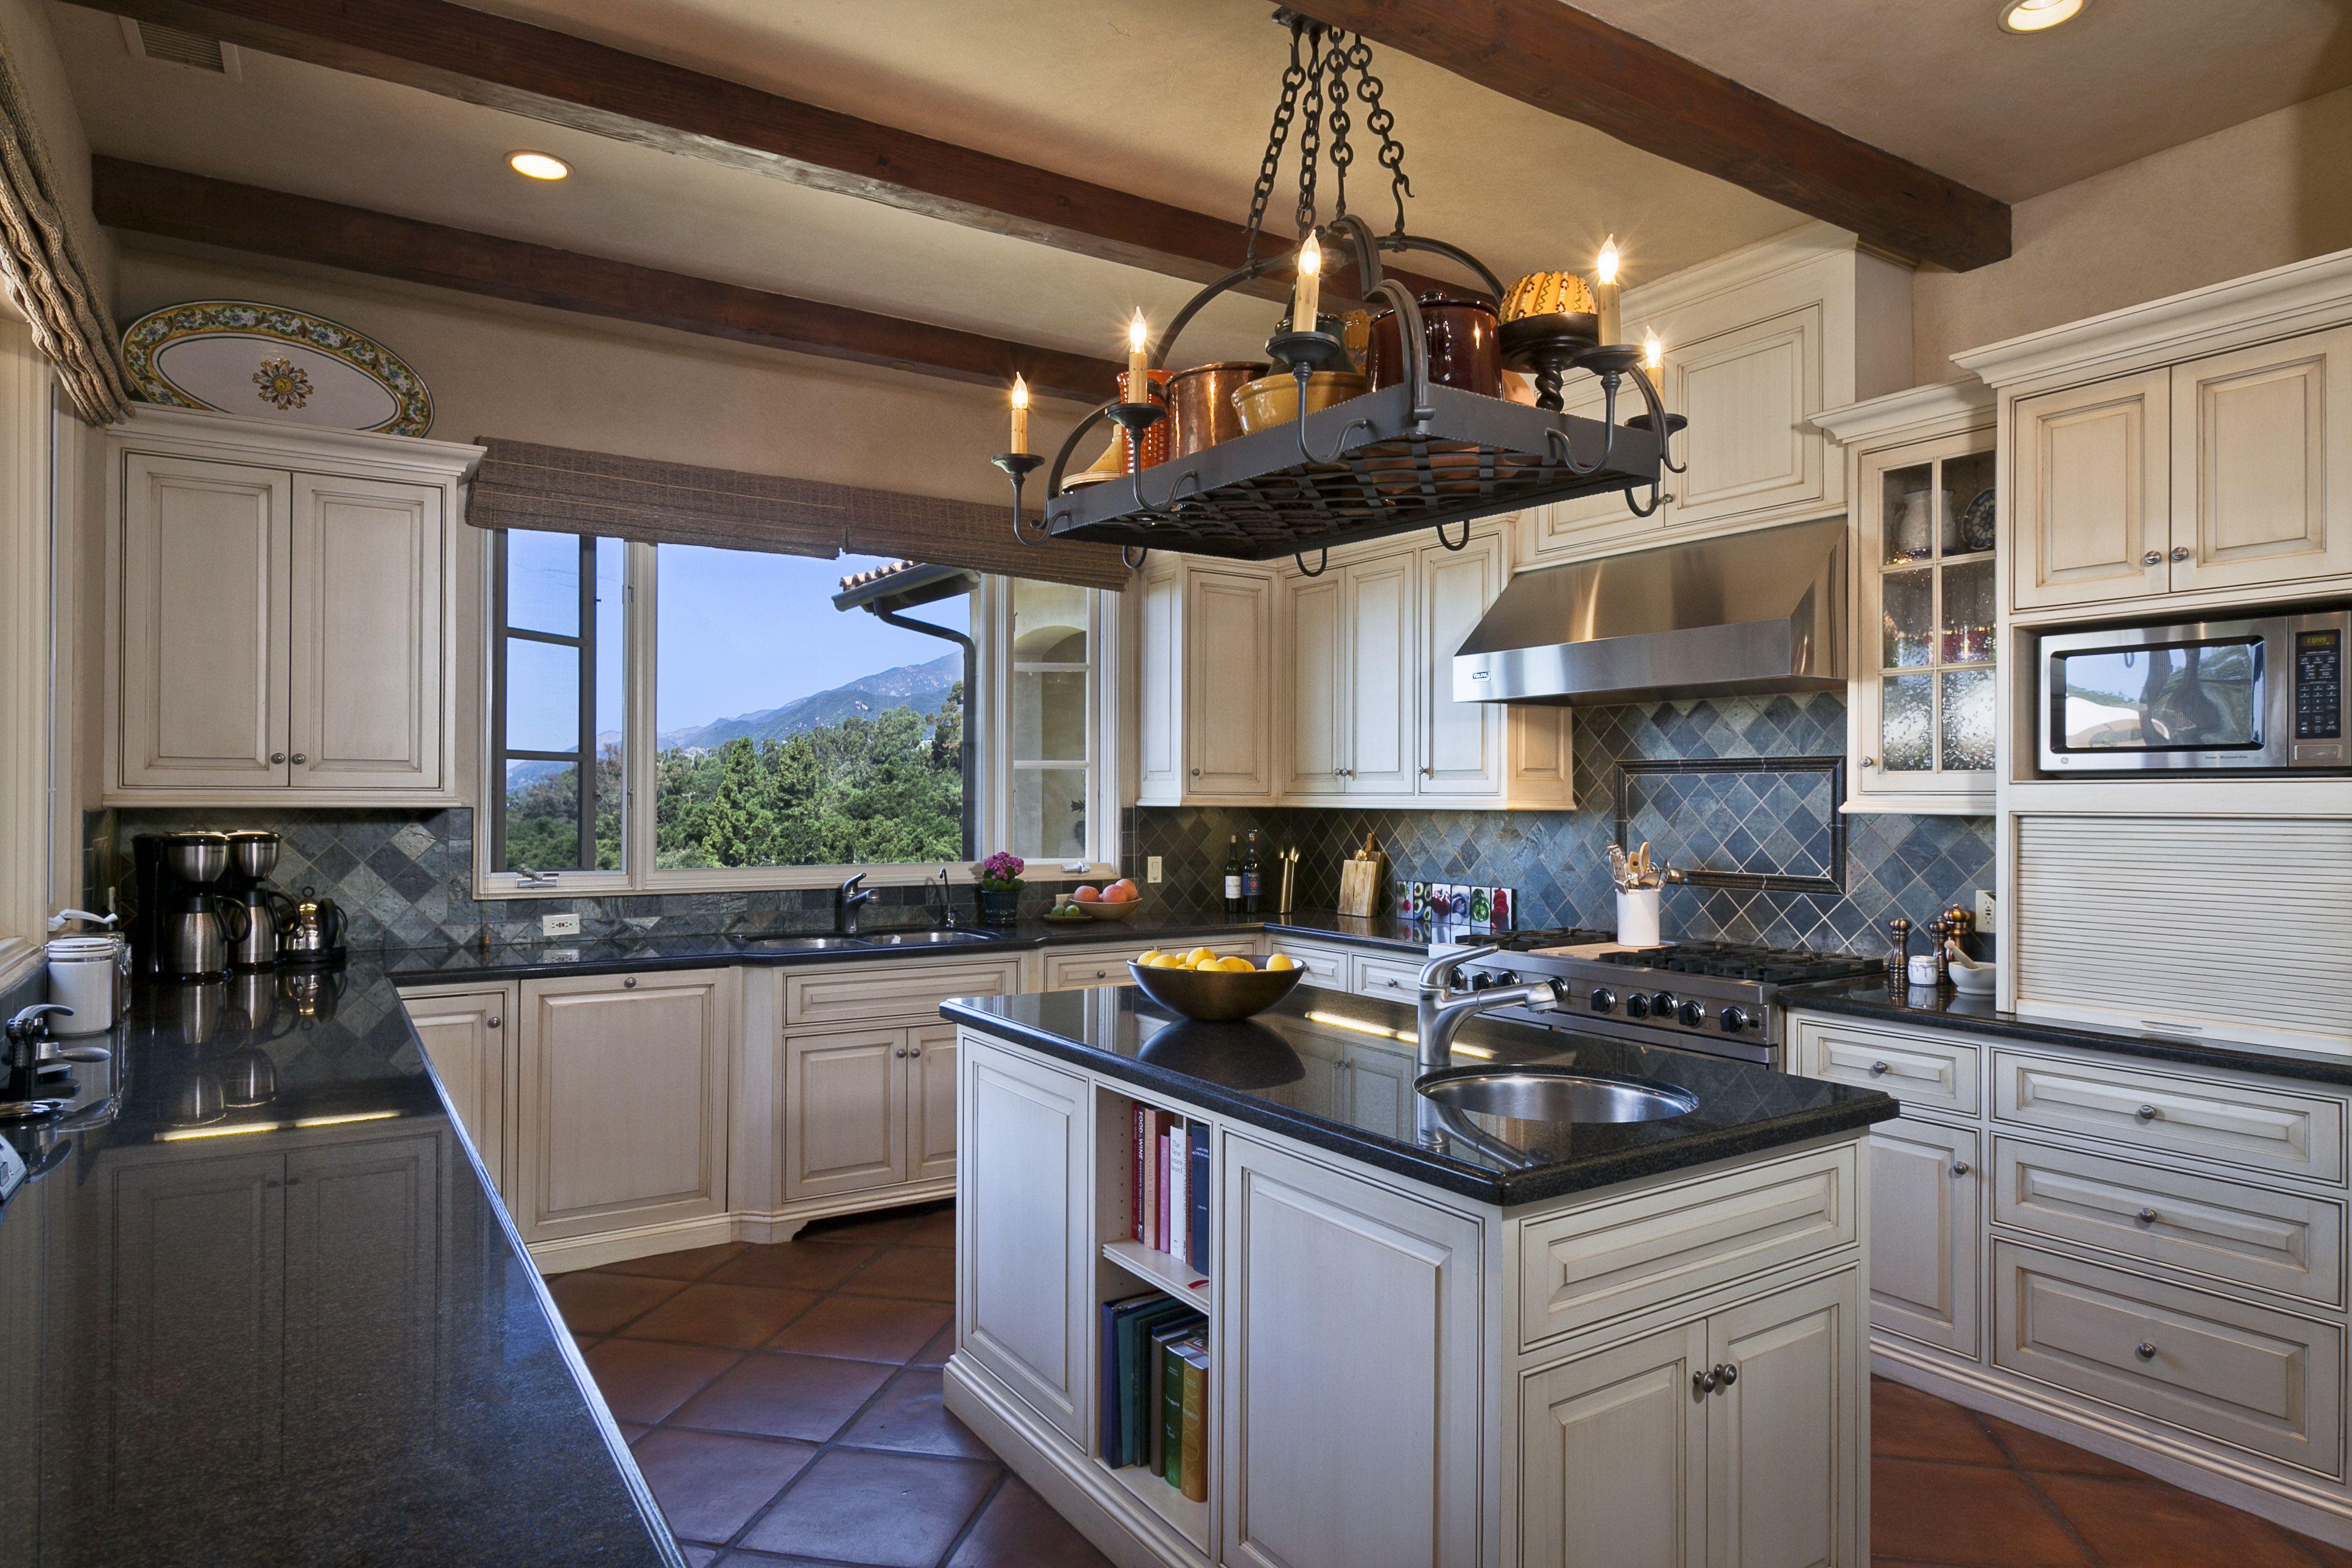 Best Images About Design Ideas Mediterrenean Style On - Mediterranean kitchen design